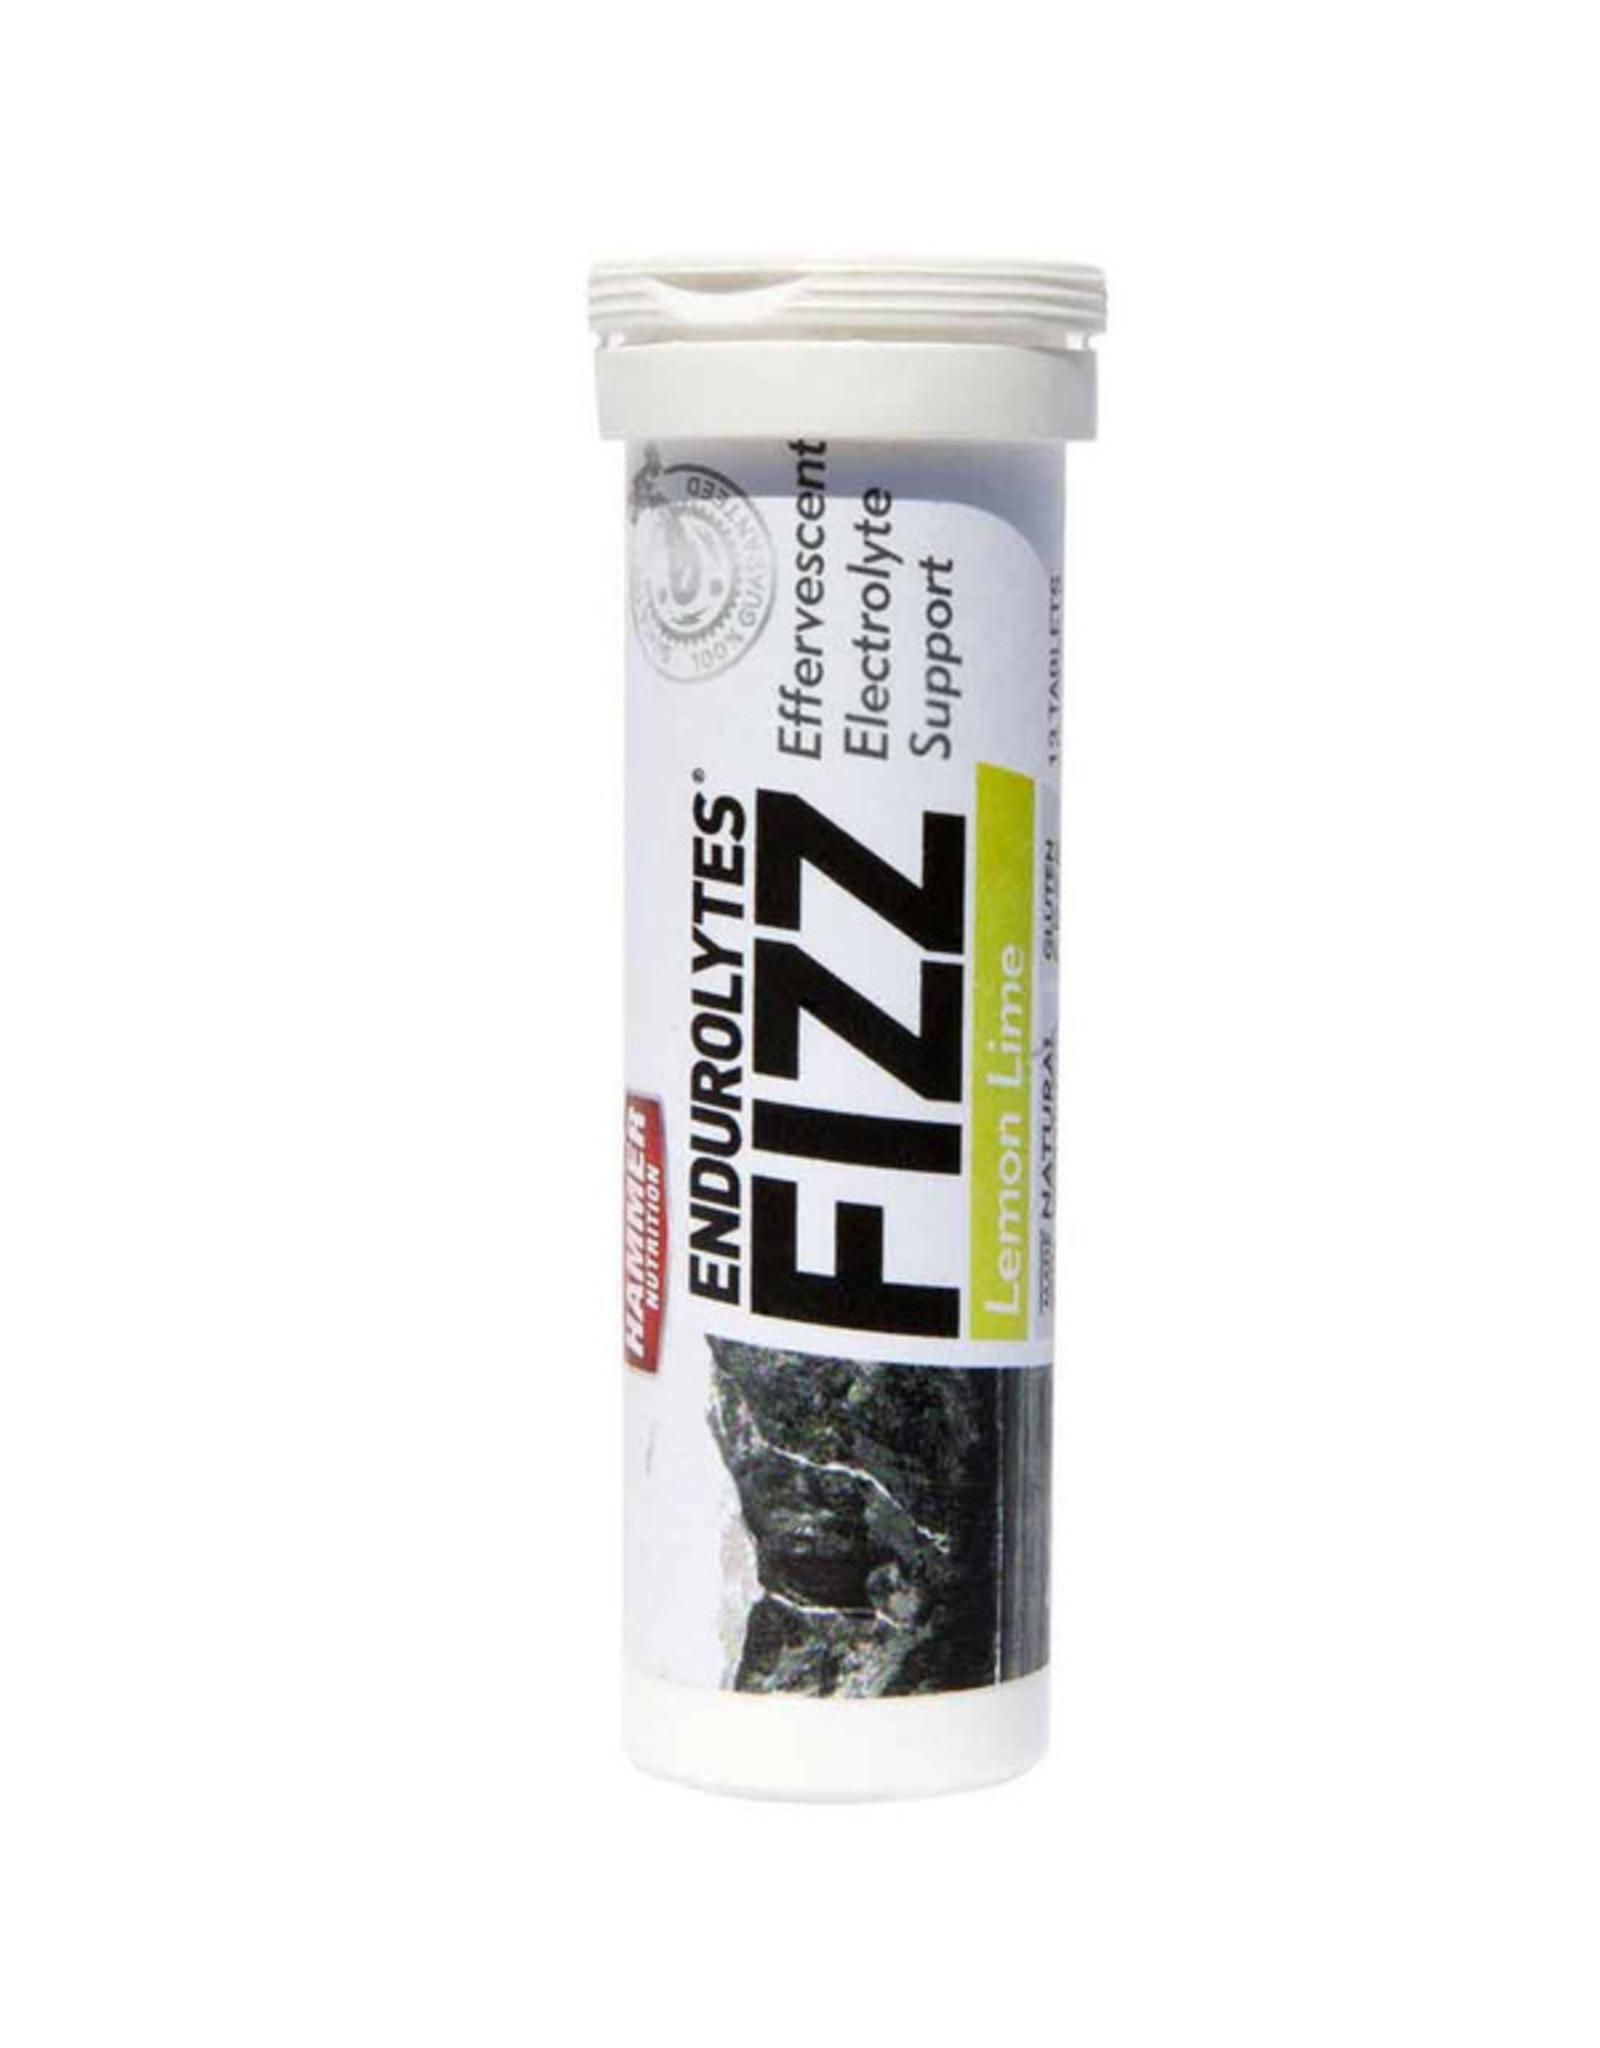 Hammer Nutrition Hammer Nutrition Endurolytes Fizz